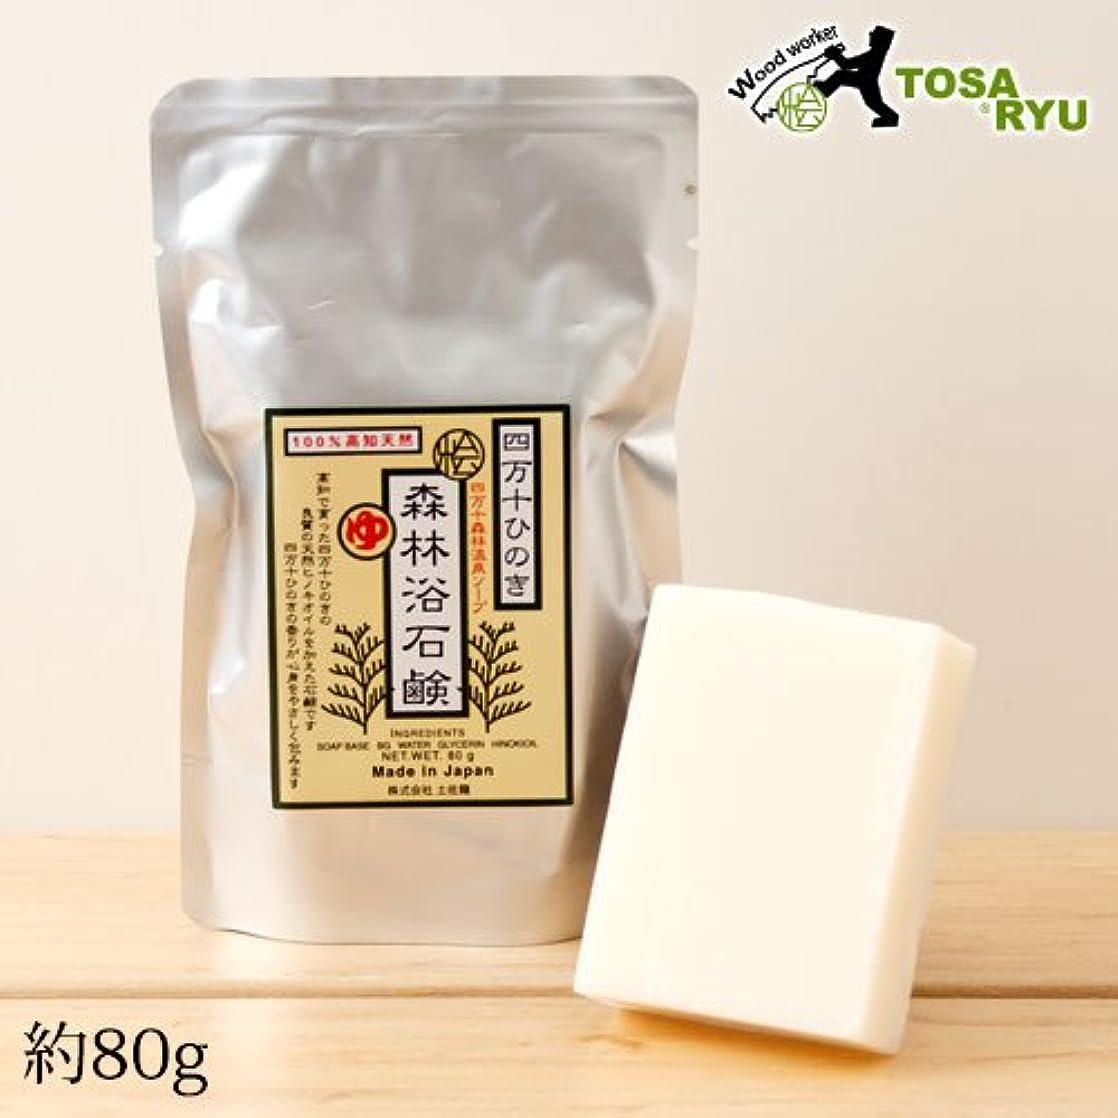 余暇終了する嫌がる土佐龍四万十森林温泉石鹸ひのきの香りのアロマソープ高知県の工芸品Aroma soap scent of cypress, Kochi craft